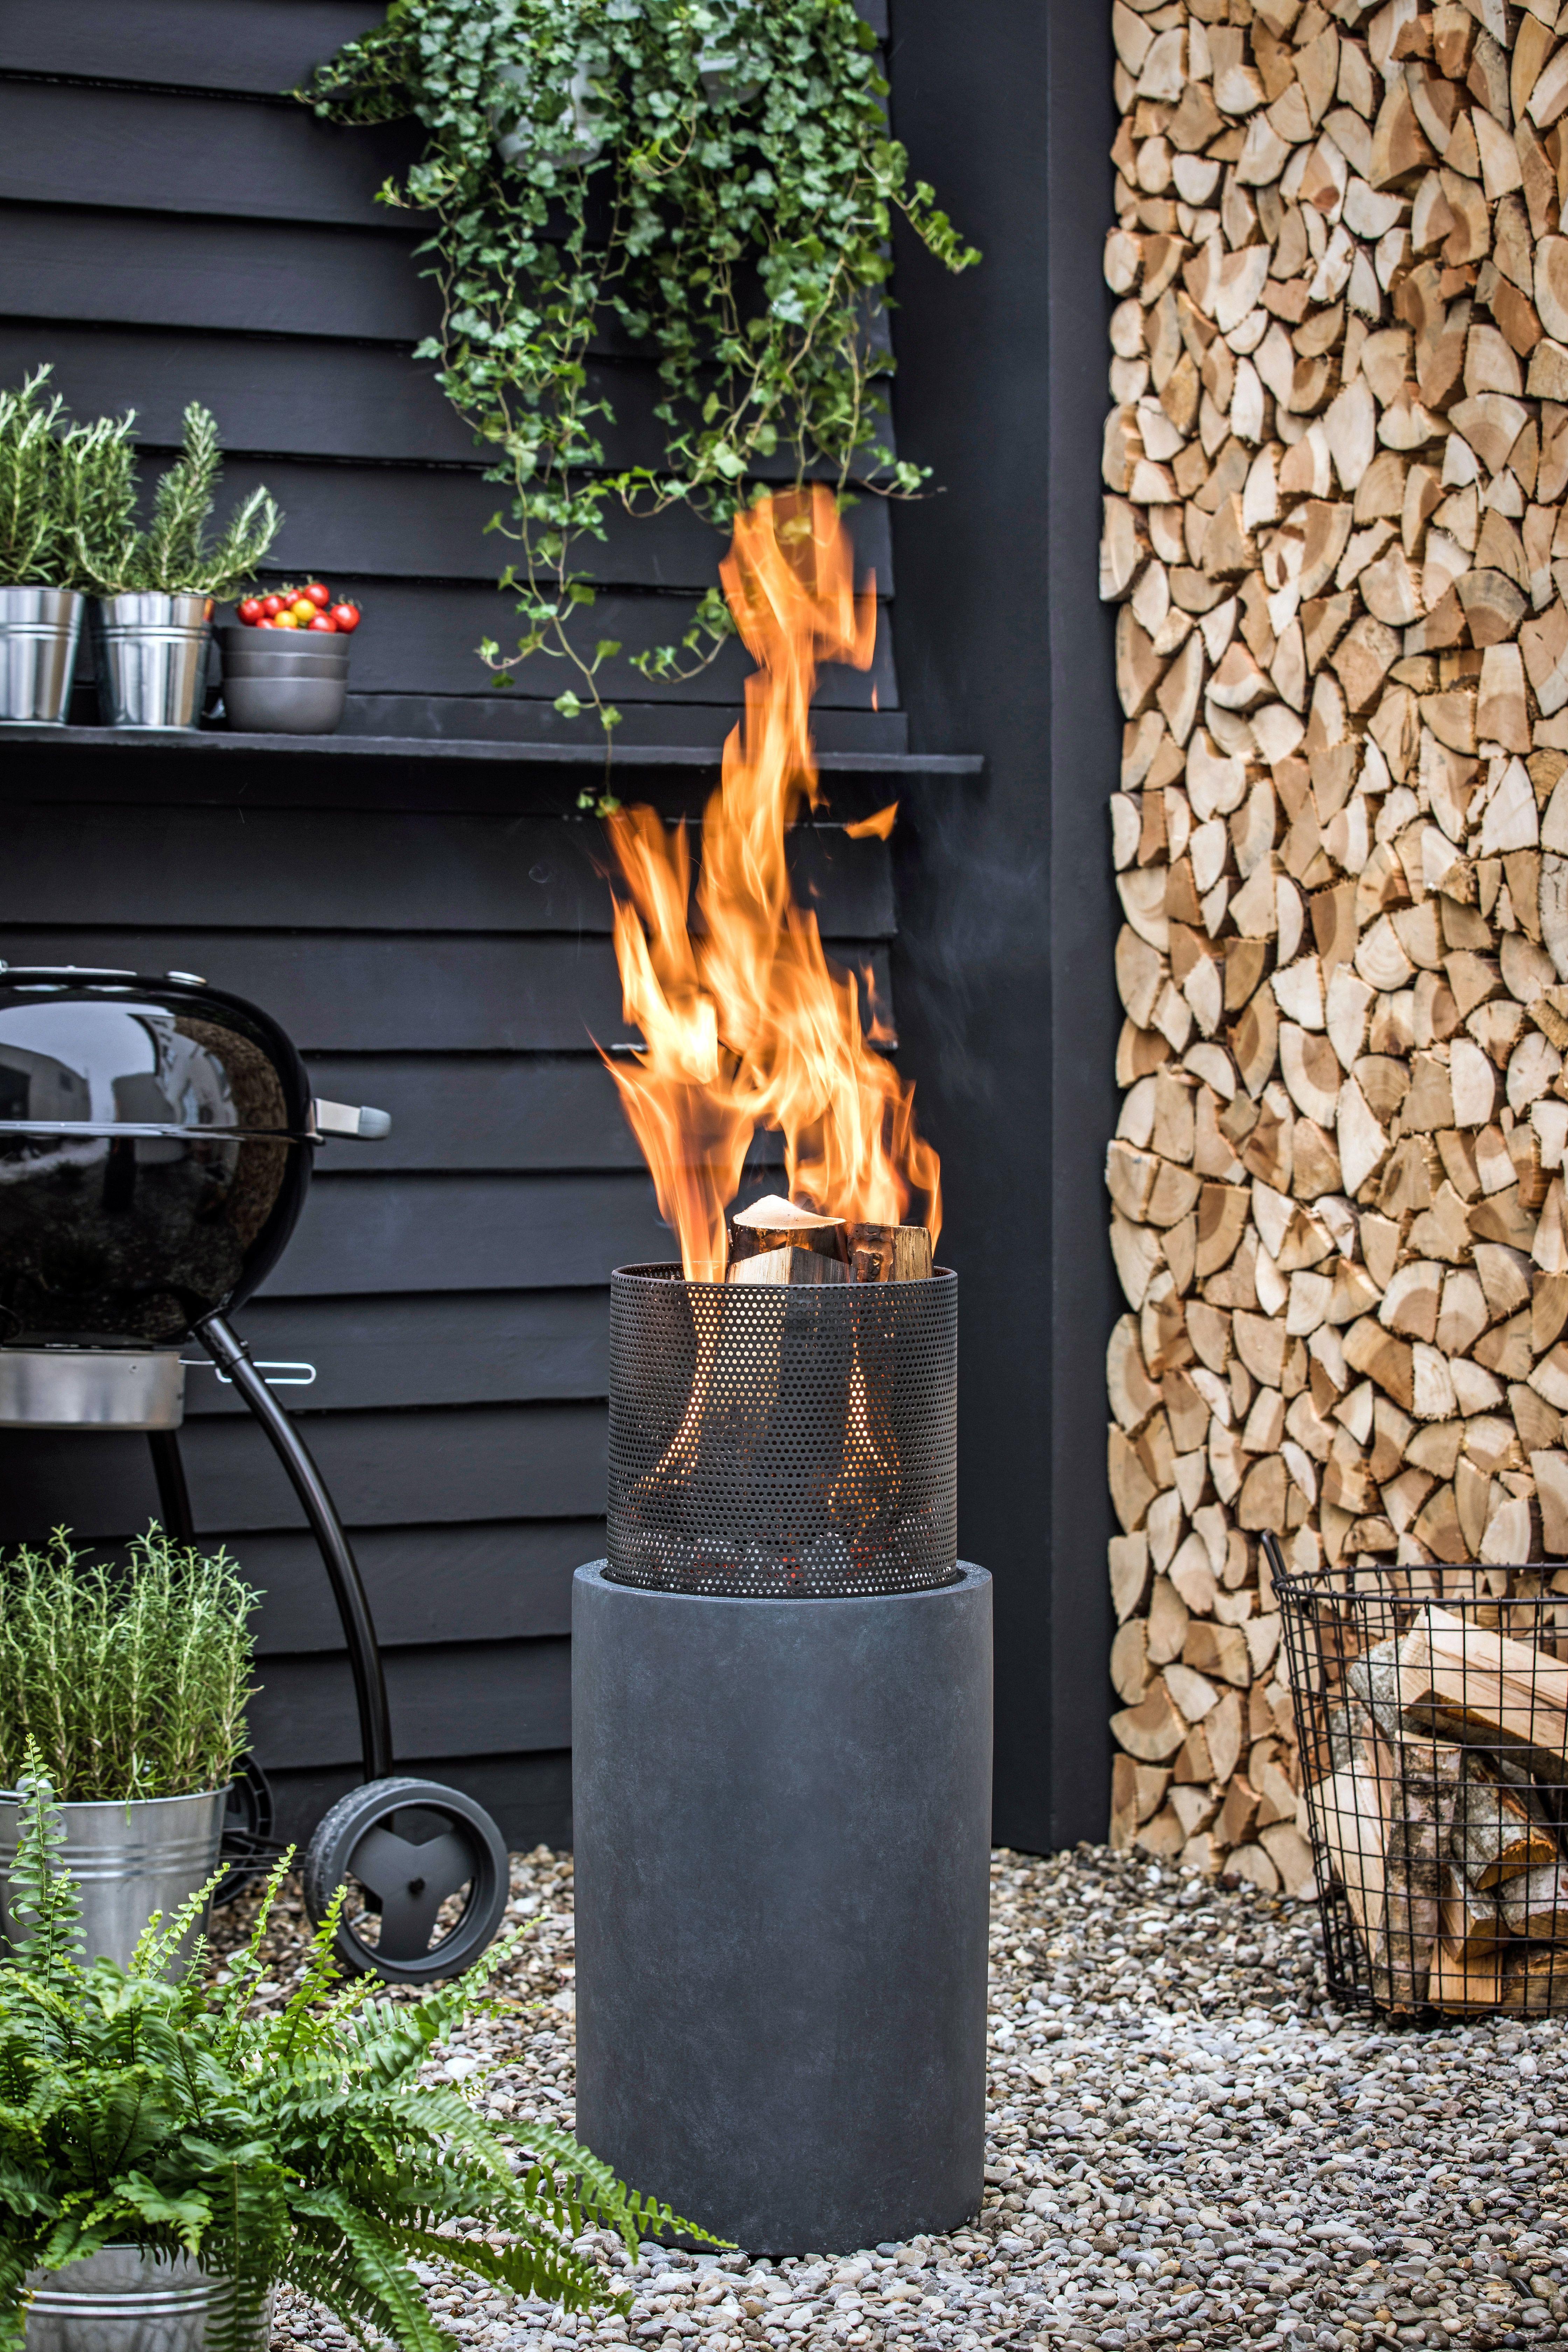 Feuerschale Fur Lagerfeuerstimmung Feuerschalen Garten Feuerschale Rustikaler Garten